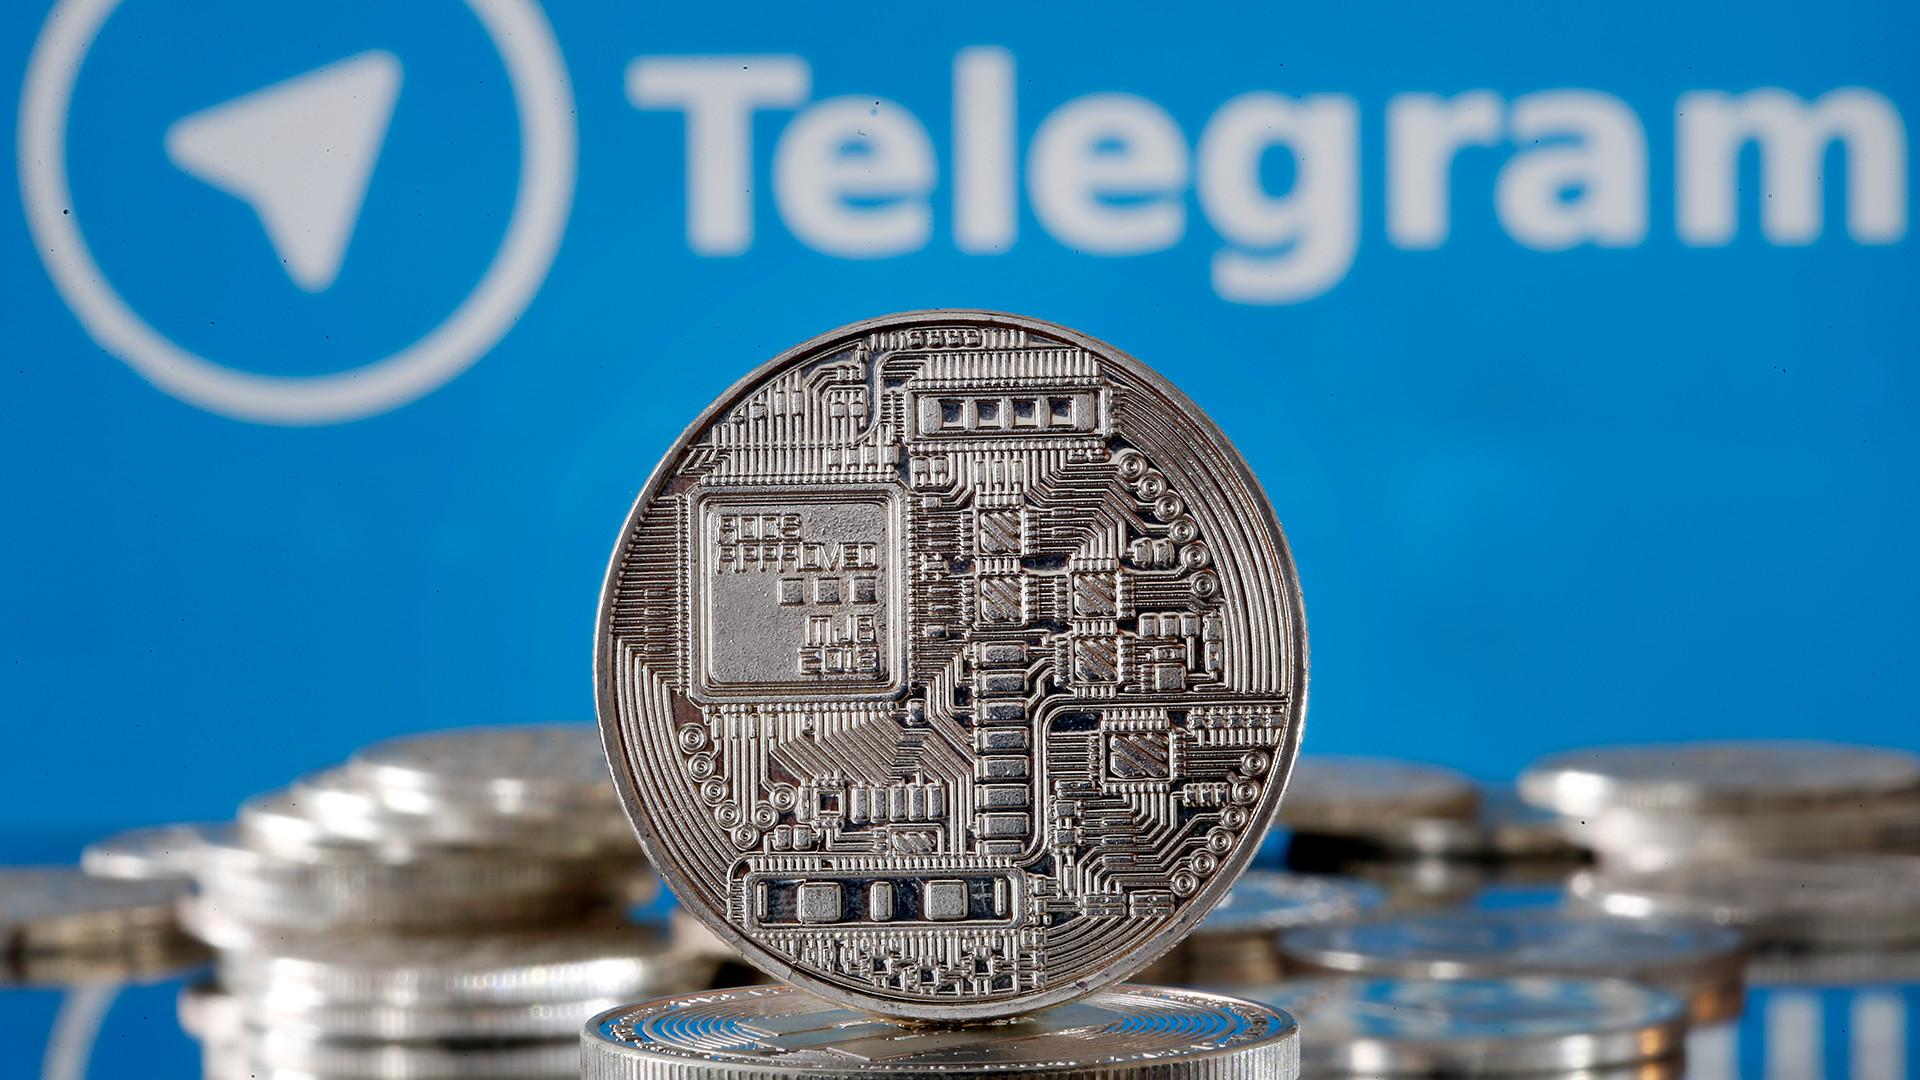 Telegramova valuta Gram